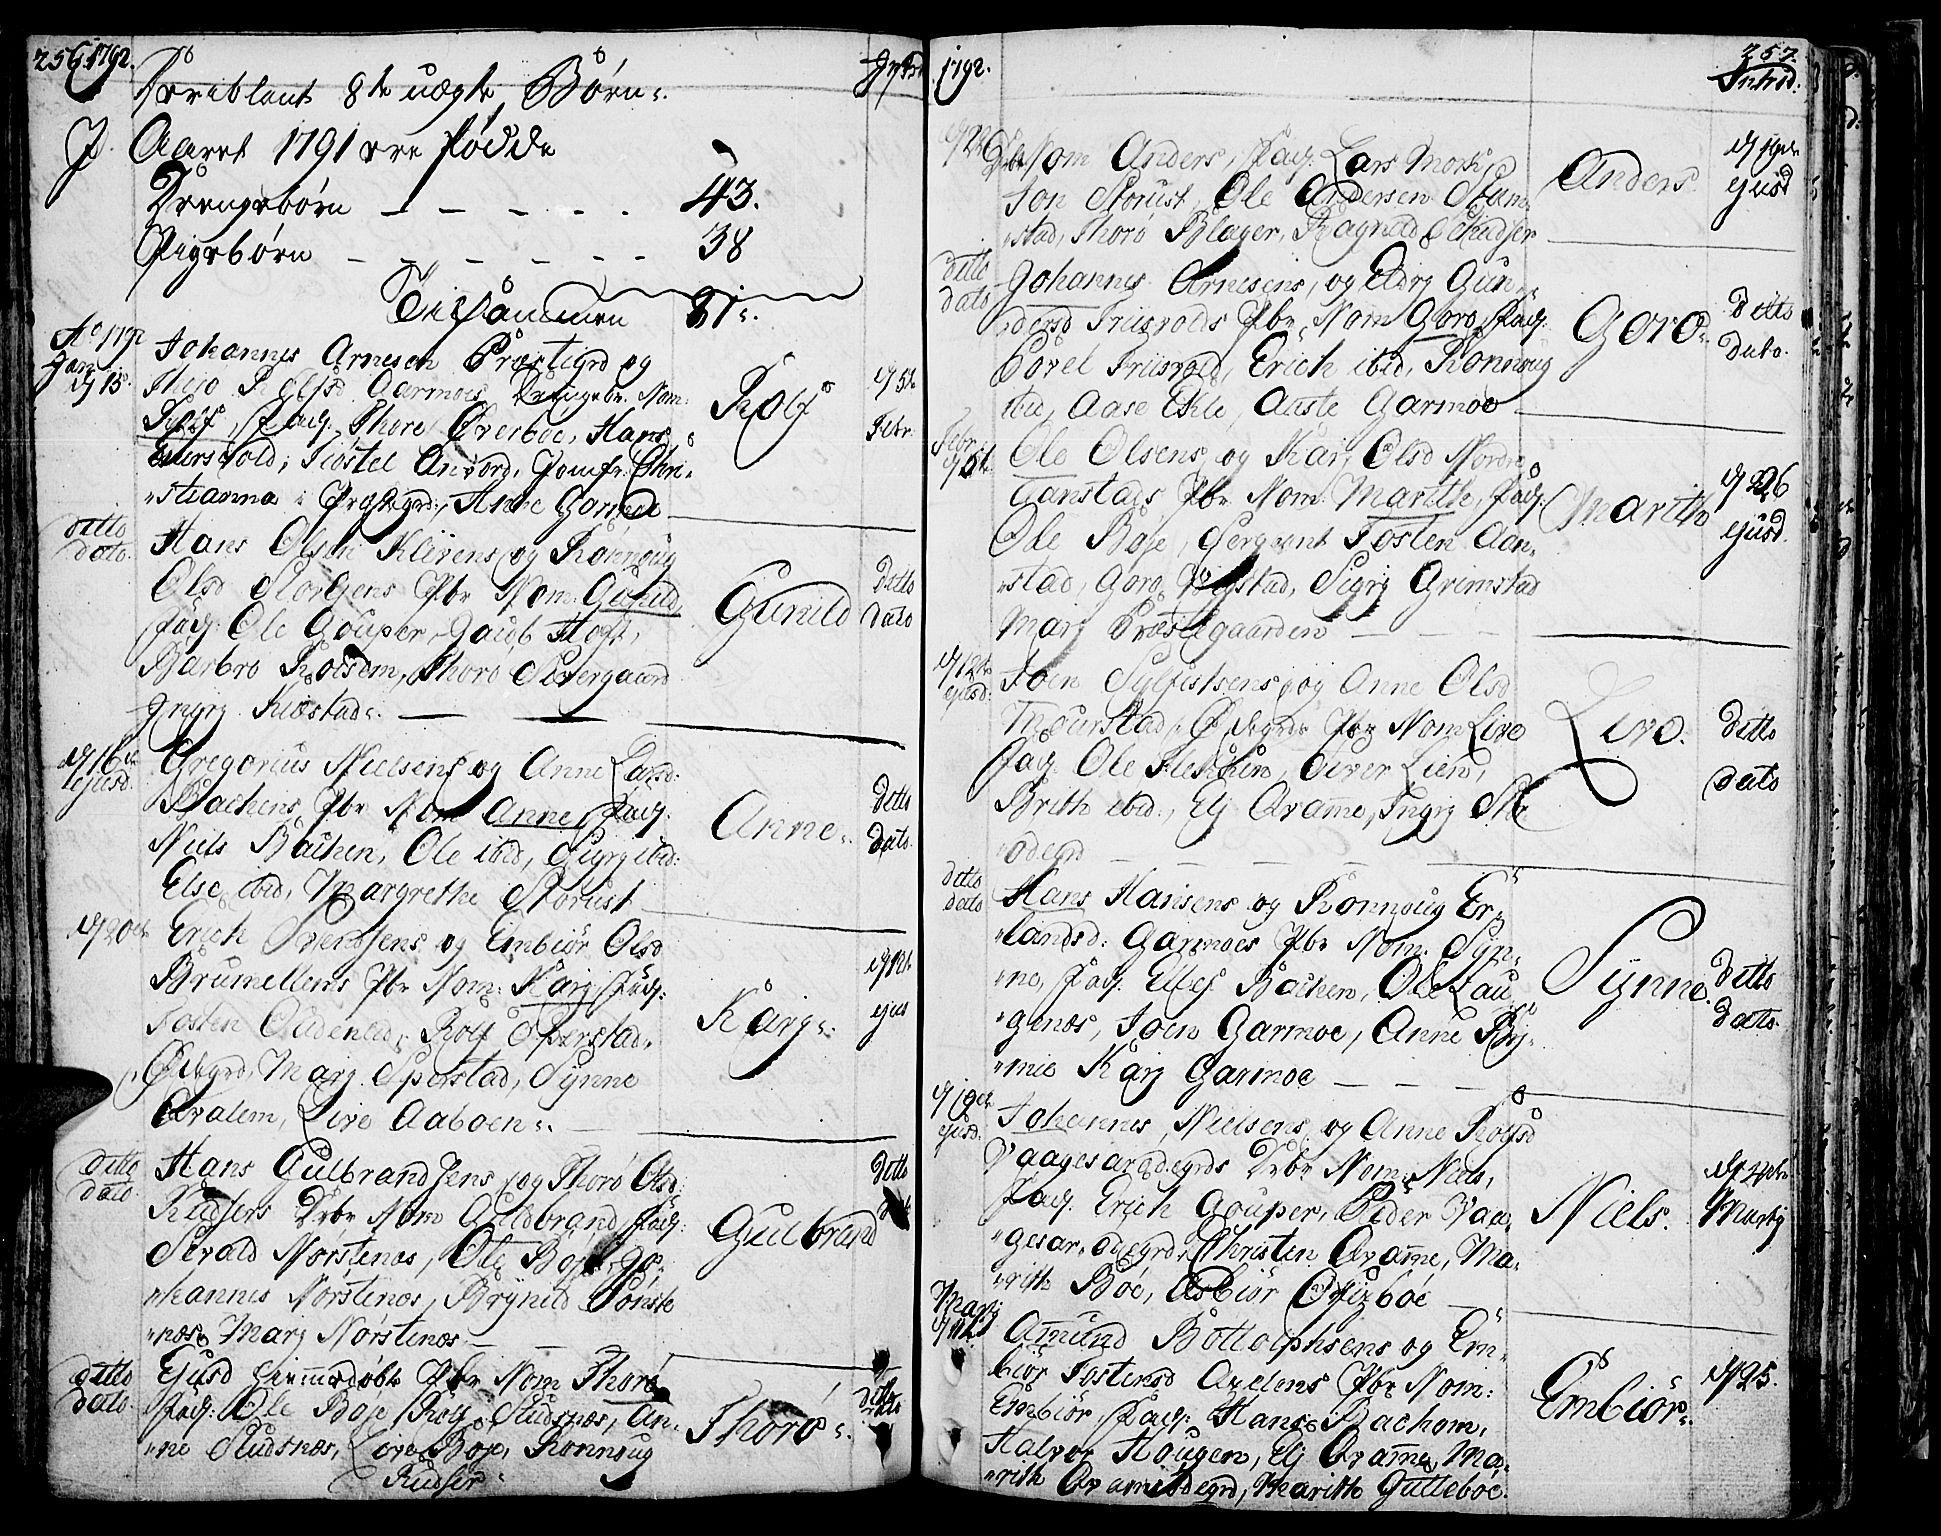 SAH, Lom prestekontor, K/L0002: Ministerialbok nr. 2, 1749-1801, s. 256-257